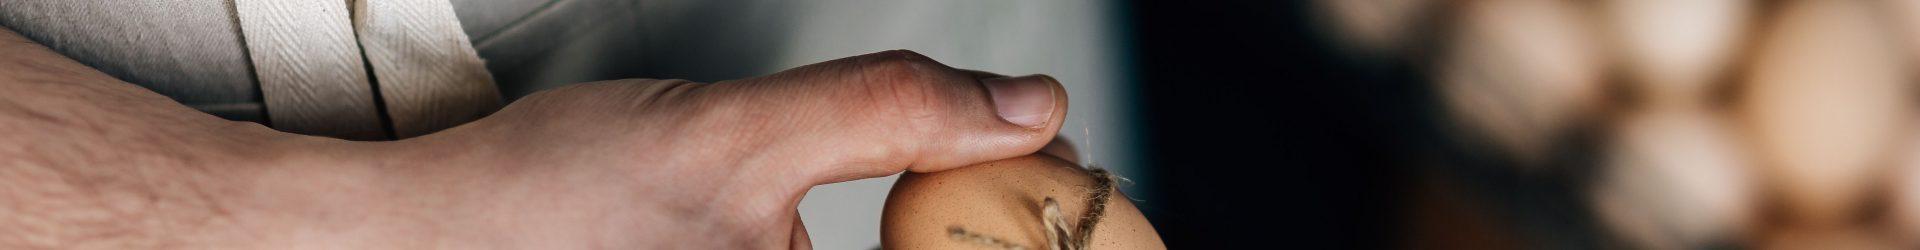 Zootecnia – Inclusione sociale attraverso lo sviluppo rurale